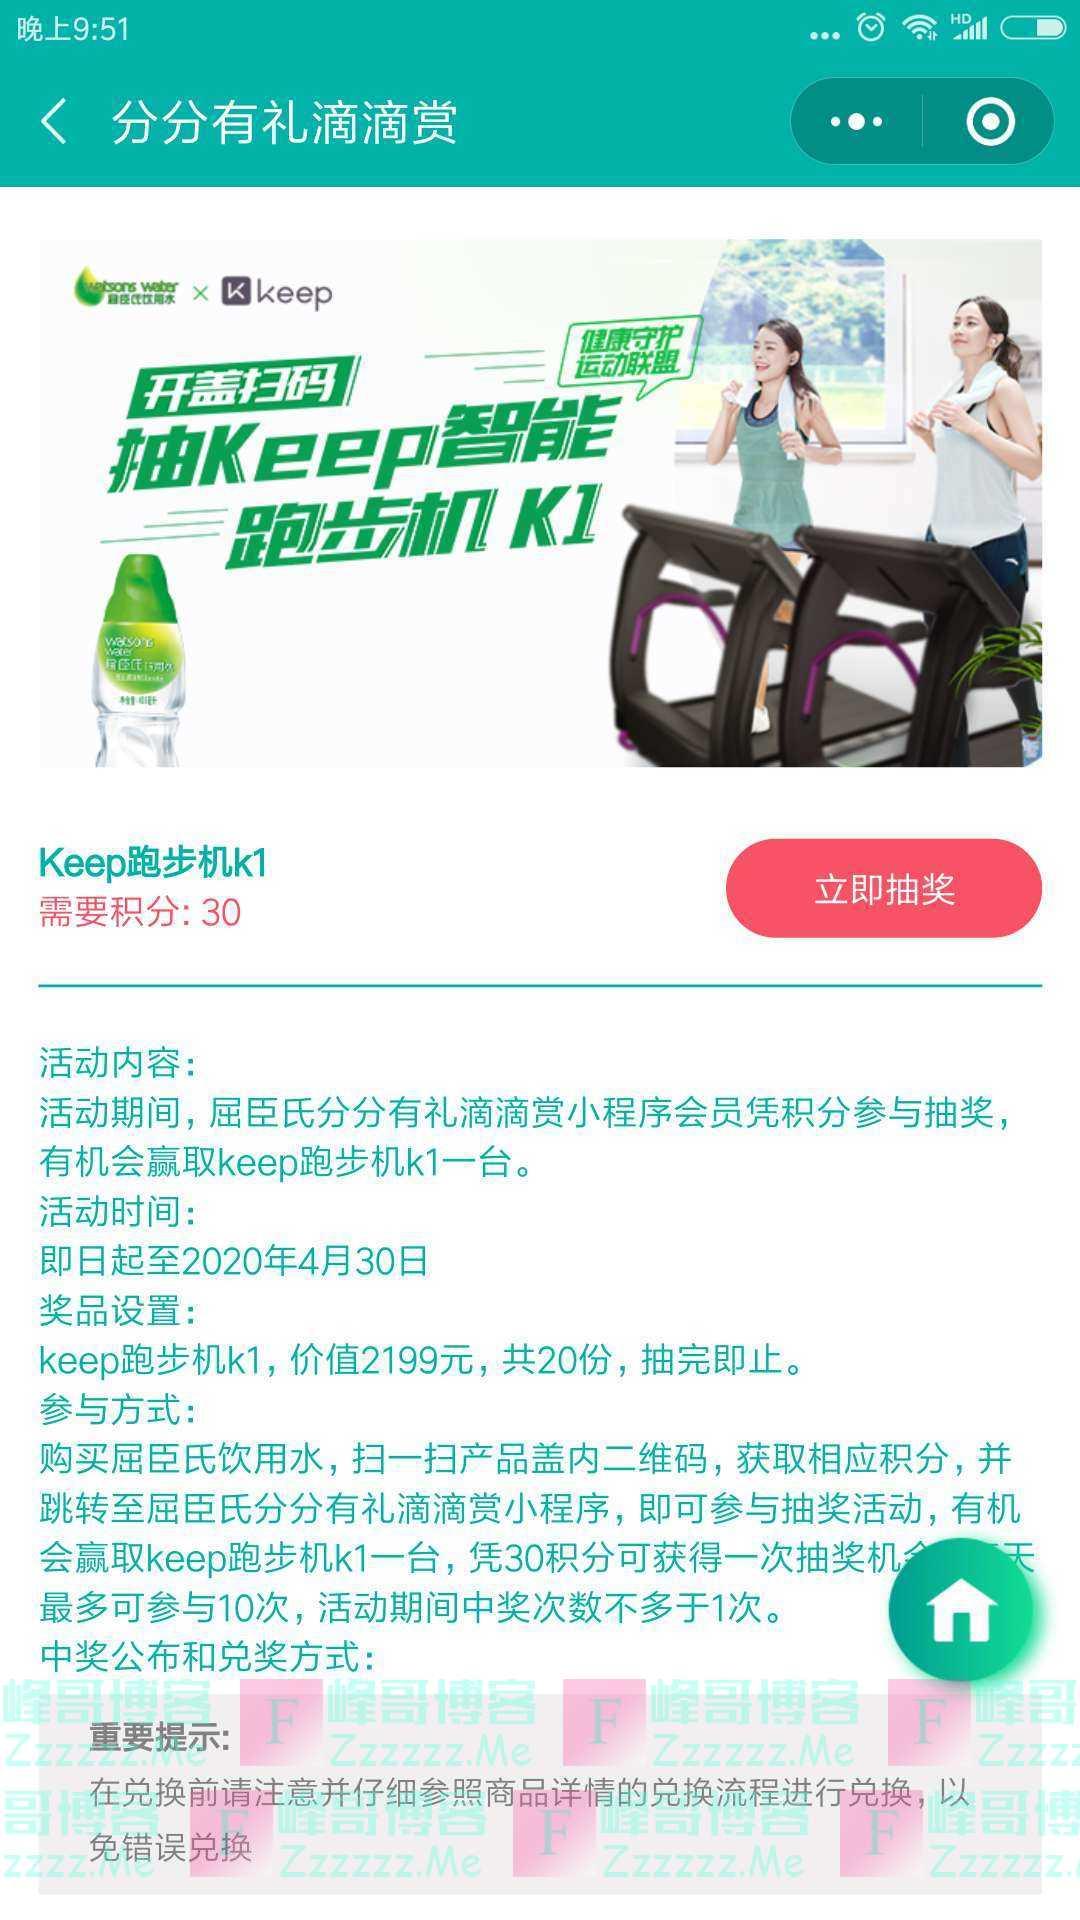 屈臣氏苏打汽水抽KEEP智能跑步机(截止4月30日)